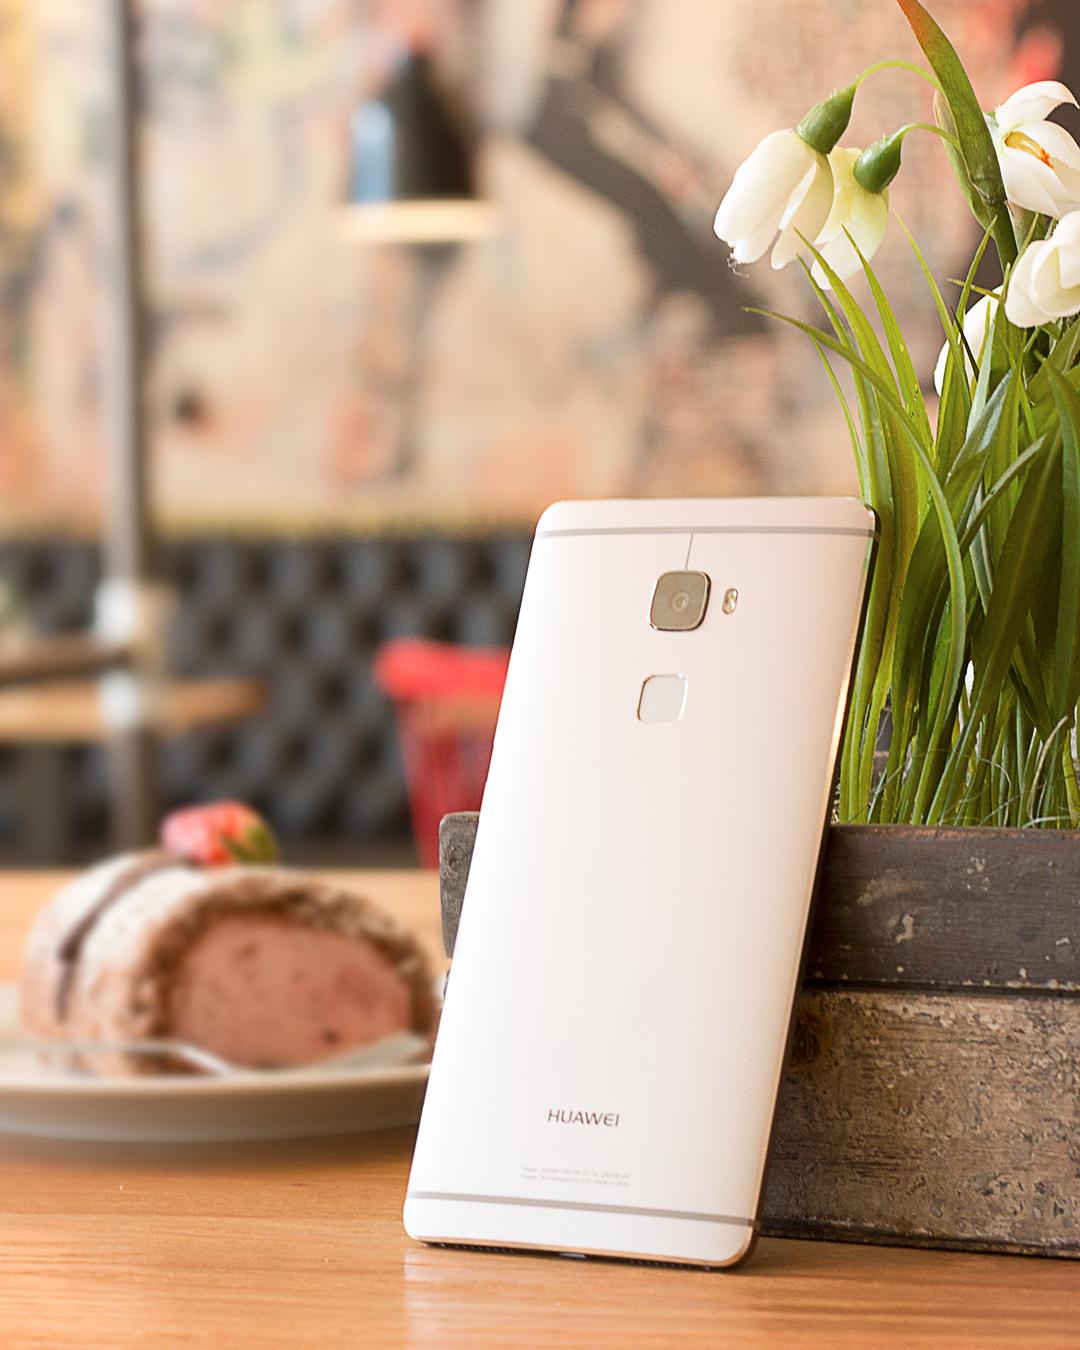 Wo spielt Geschmack eine Rolle? Bei der Erdbeerrolle auf jeden Fall. Und natürlich auch beim Smartphone. Beim #HuaweiMateS lässt sich die leichte Bedienung besonders genießen - durch z.B. den Fingerprint- Sensor. #HUAWEI #Fingerprintsensor #MitLeichtigkeit